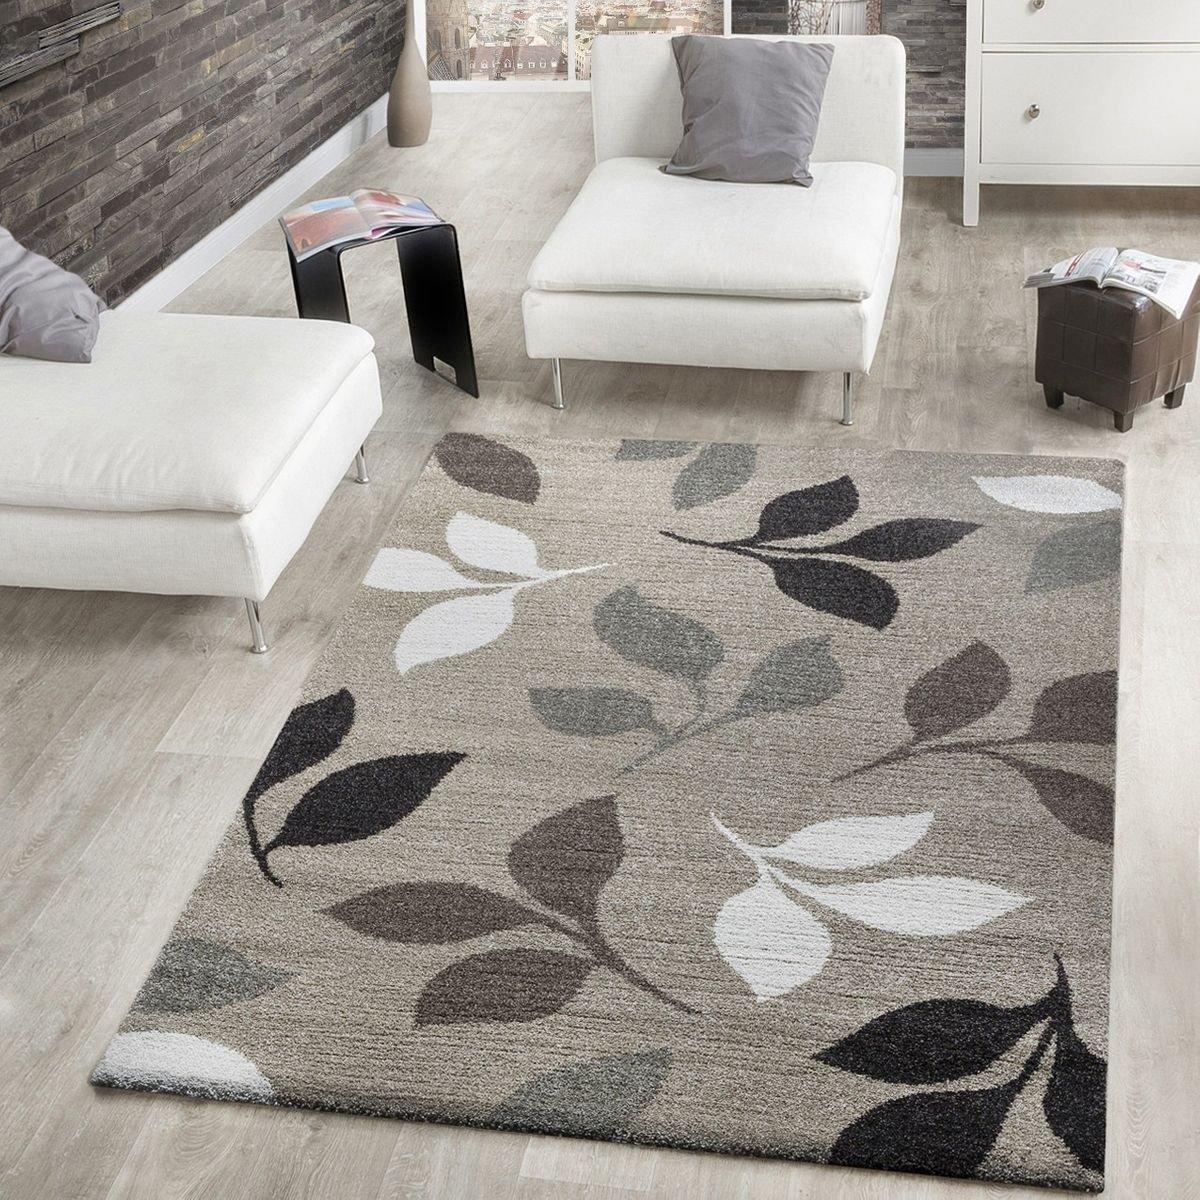 Moderner Webteppich Kurzflor Mit Blätter Design Meliert In Beige Braun Creme, Größe 60x110 cm